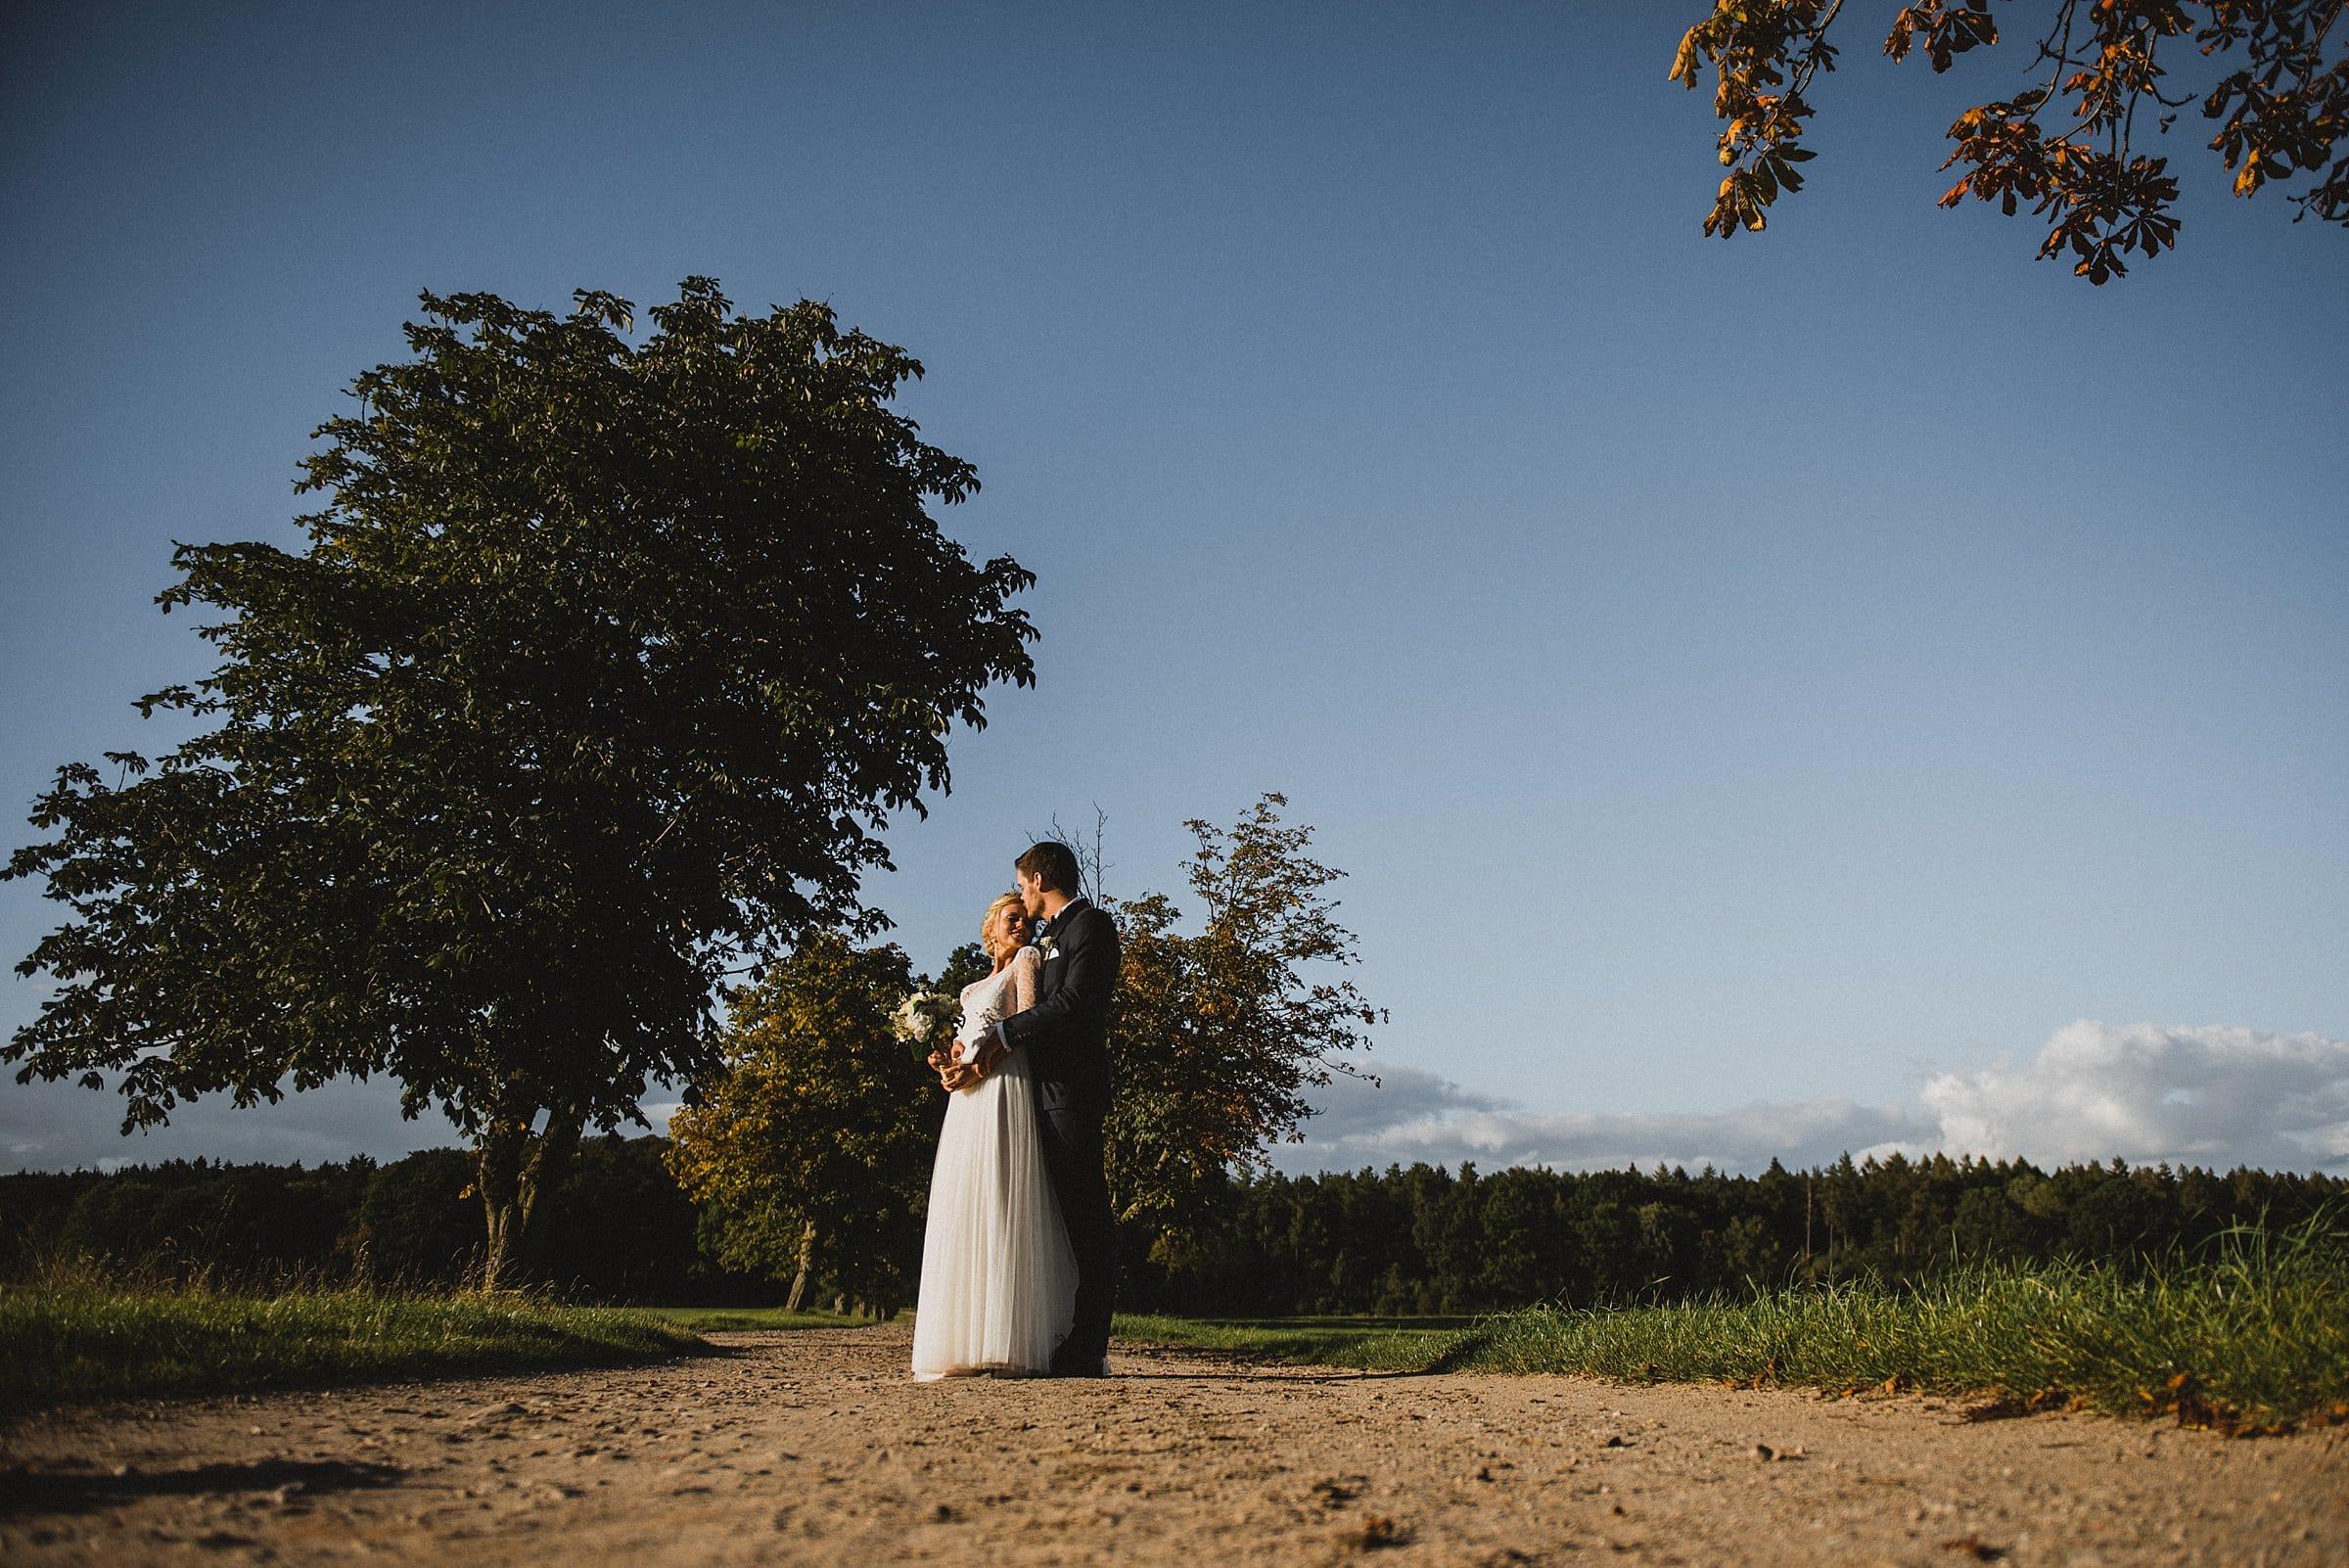 Hochzeitsfotografie Hamburg-Frau-Siemers-Gut Basthorst- Portrait Brautpaar- Ganzaufnahme- Brautpaar sonnt sich und genießt einen Moment der Ruhe